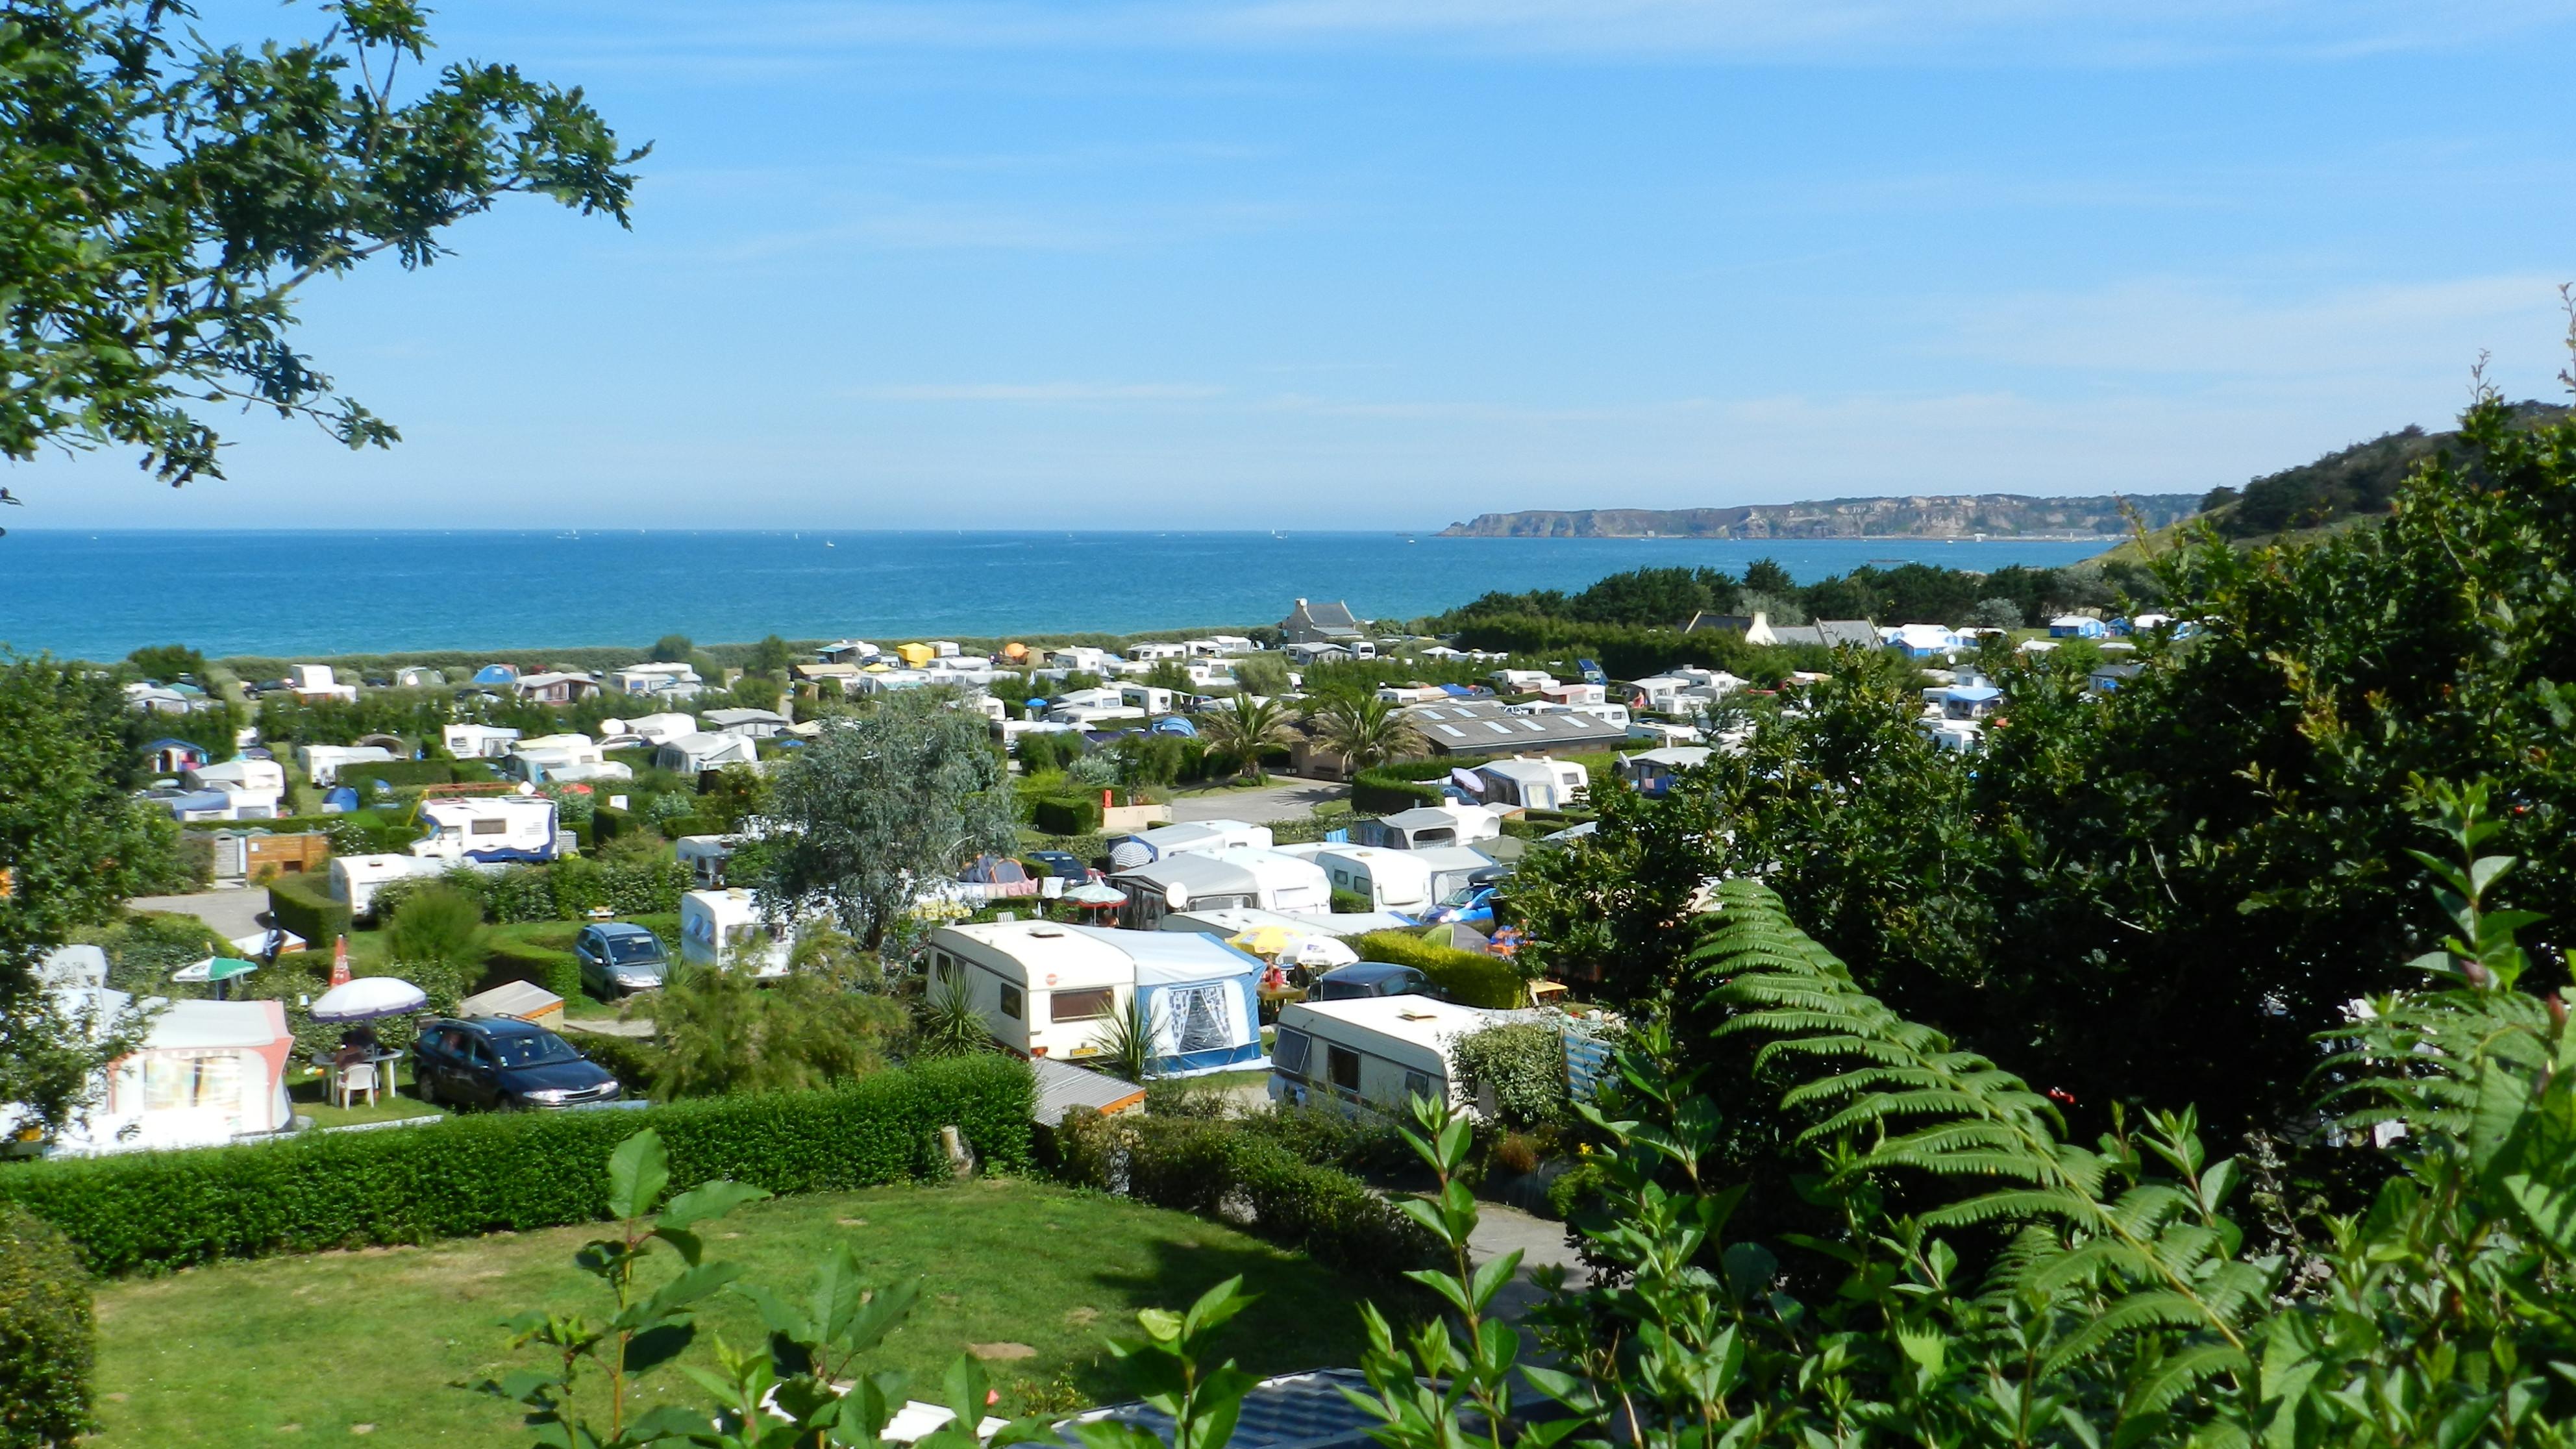 Camping de la Plage de Saint-Pabu et de la Ville Berneuf